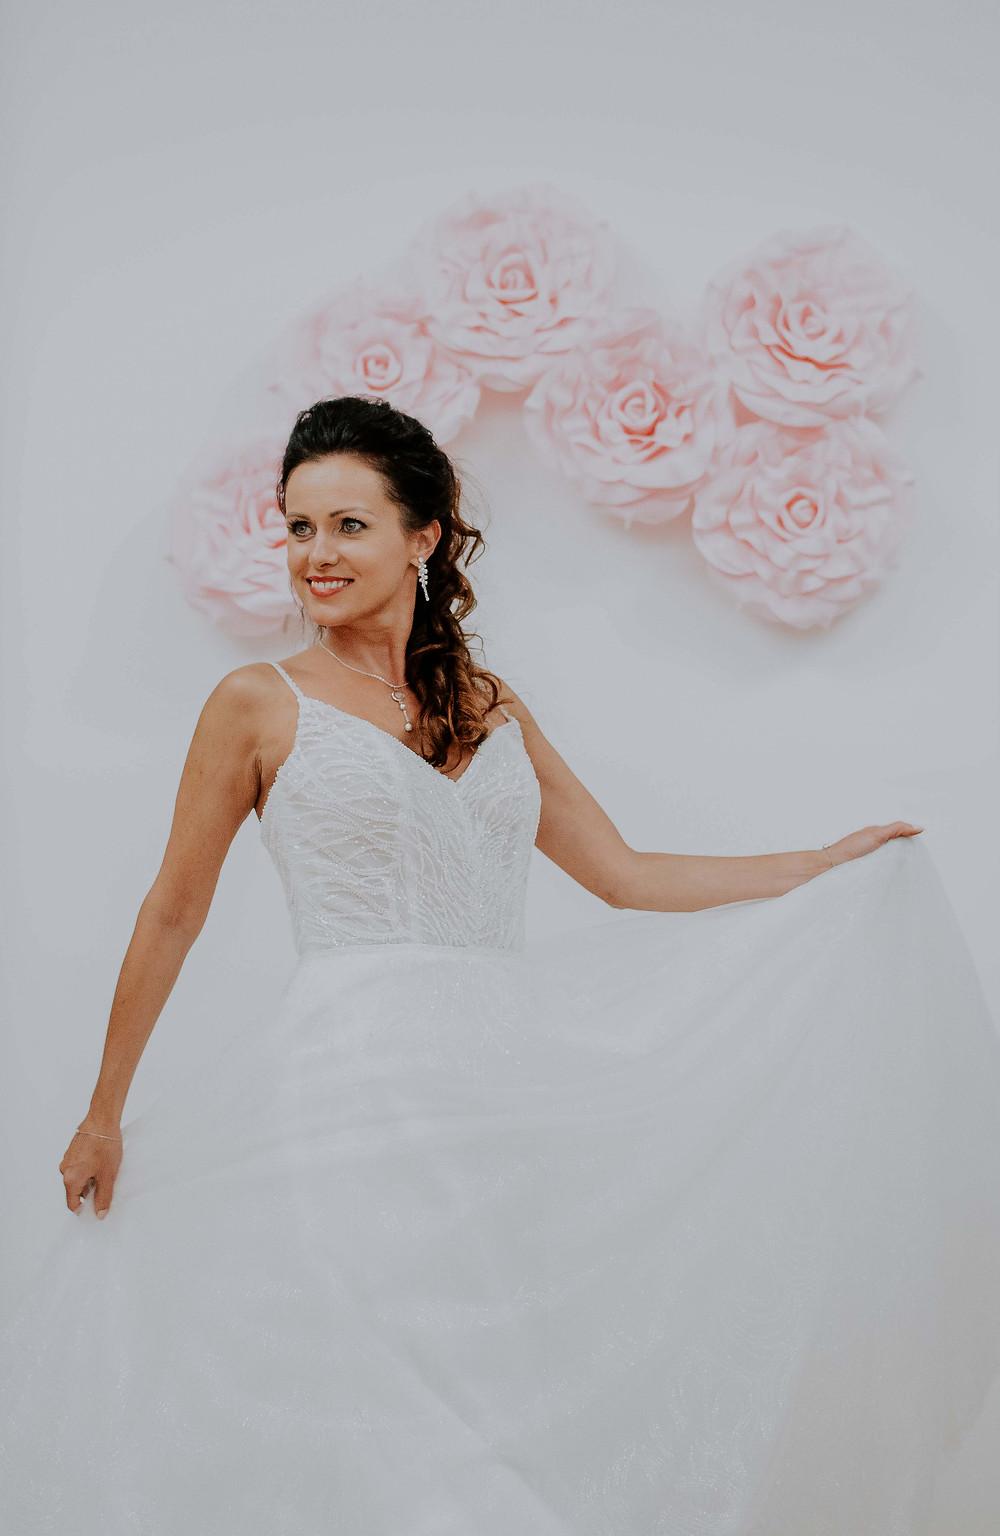 Ouverture de bal de mariage la rochelle cours de danse à domicile particuliers